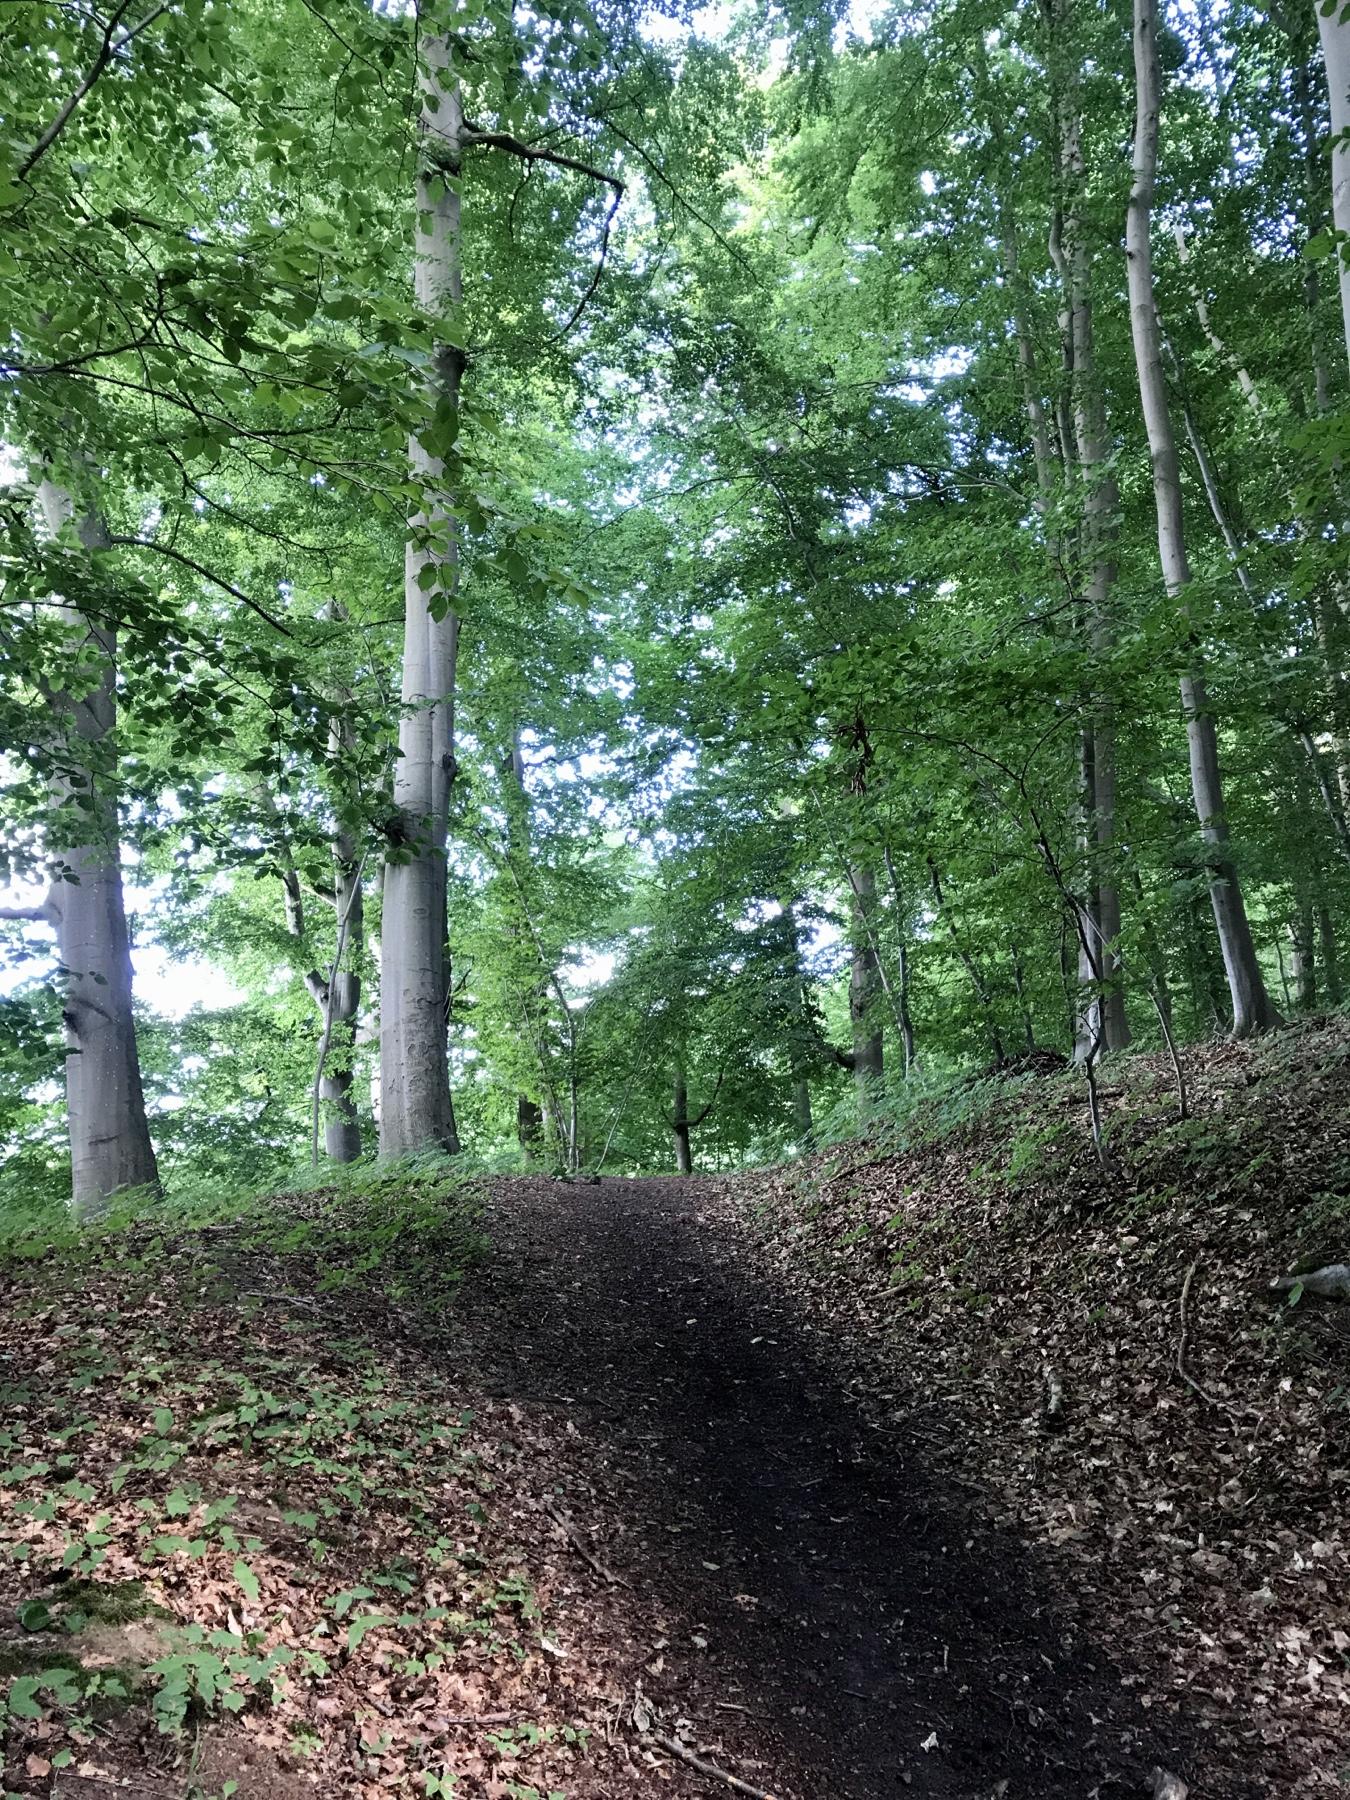 Waldstück entlang der Trave unterhalb von Hamberge, Stormarnweg Etappe 6 nach Lübeck